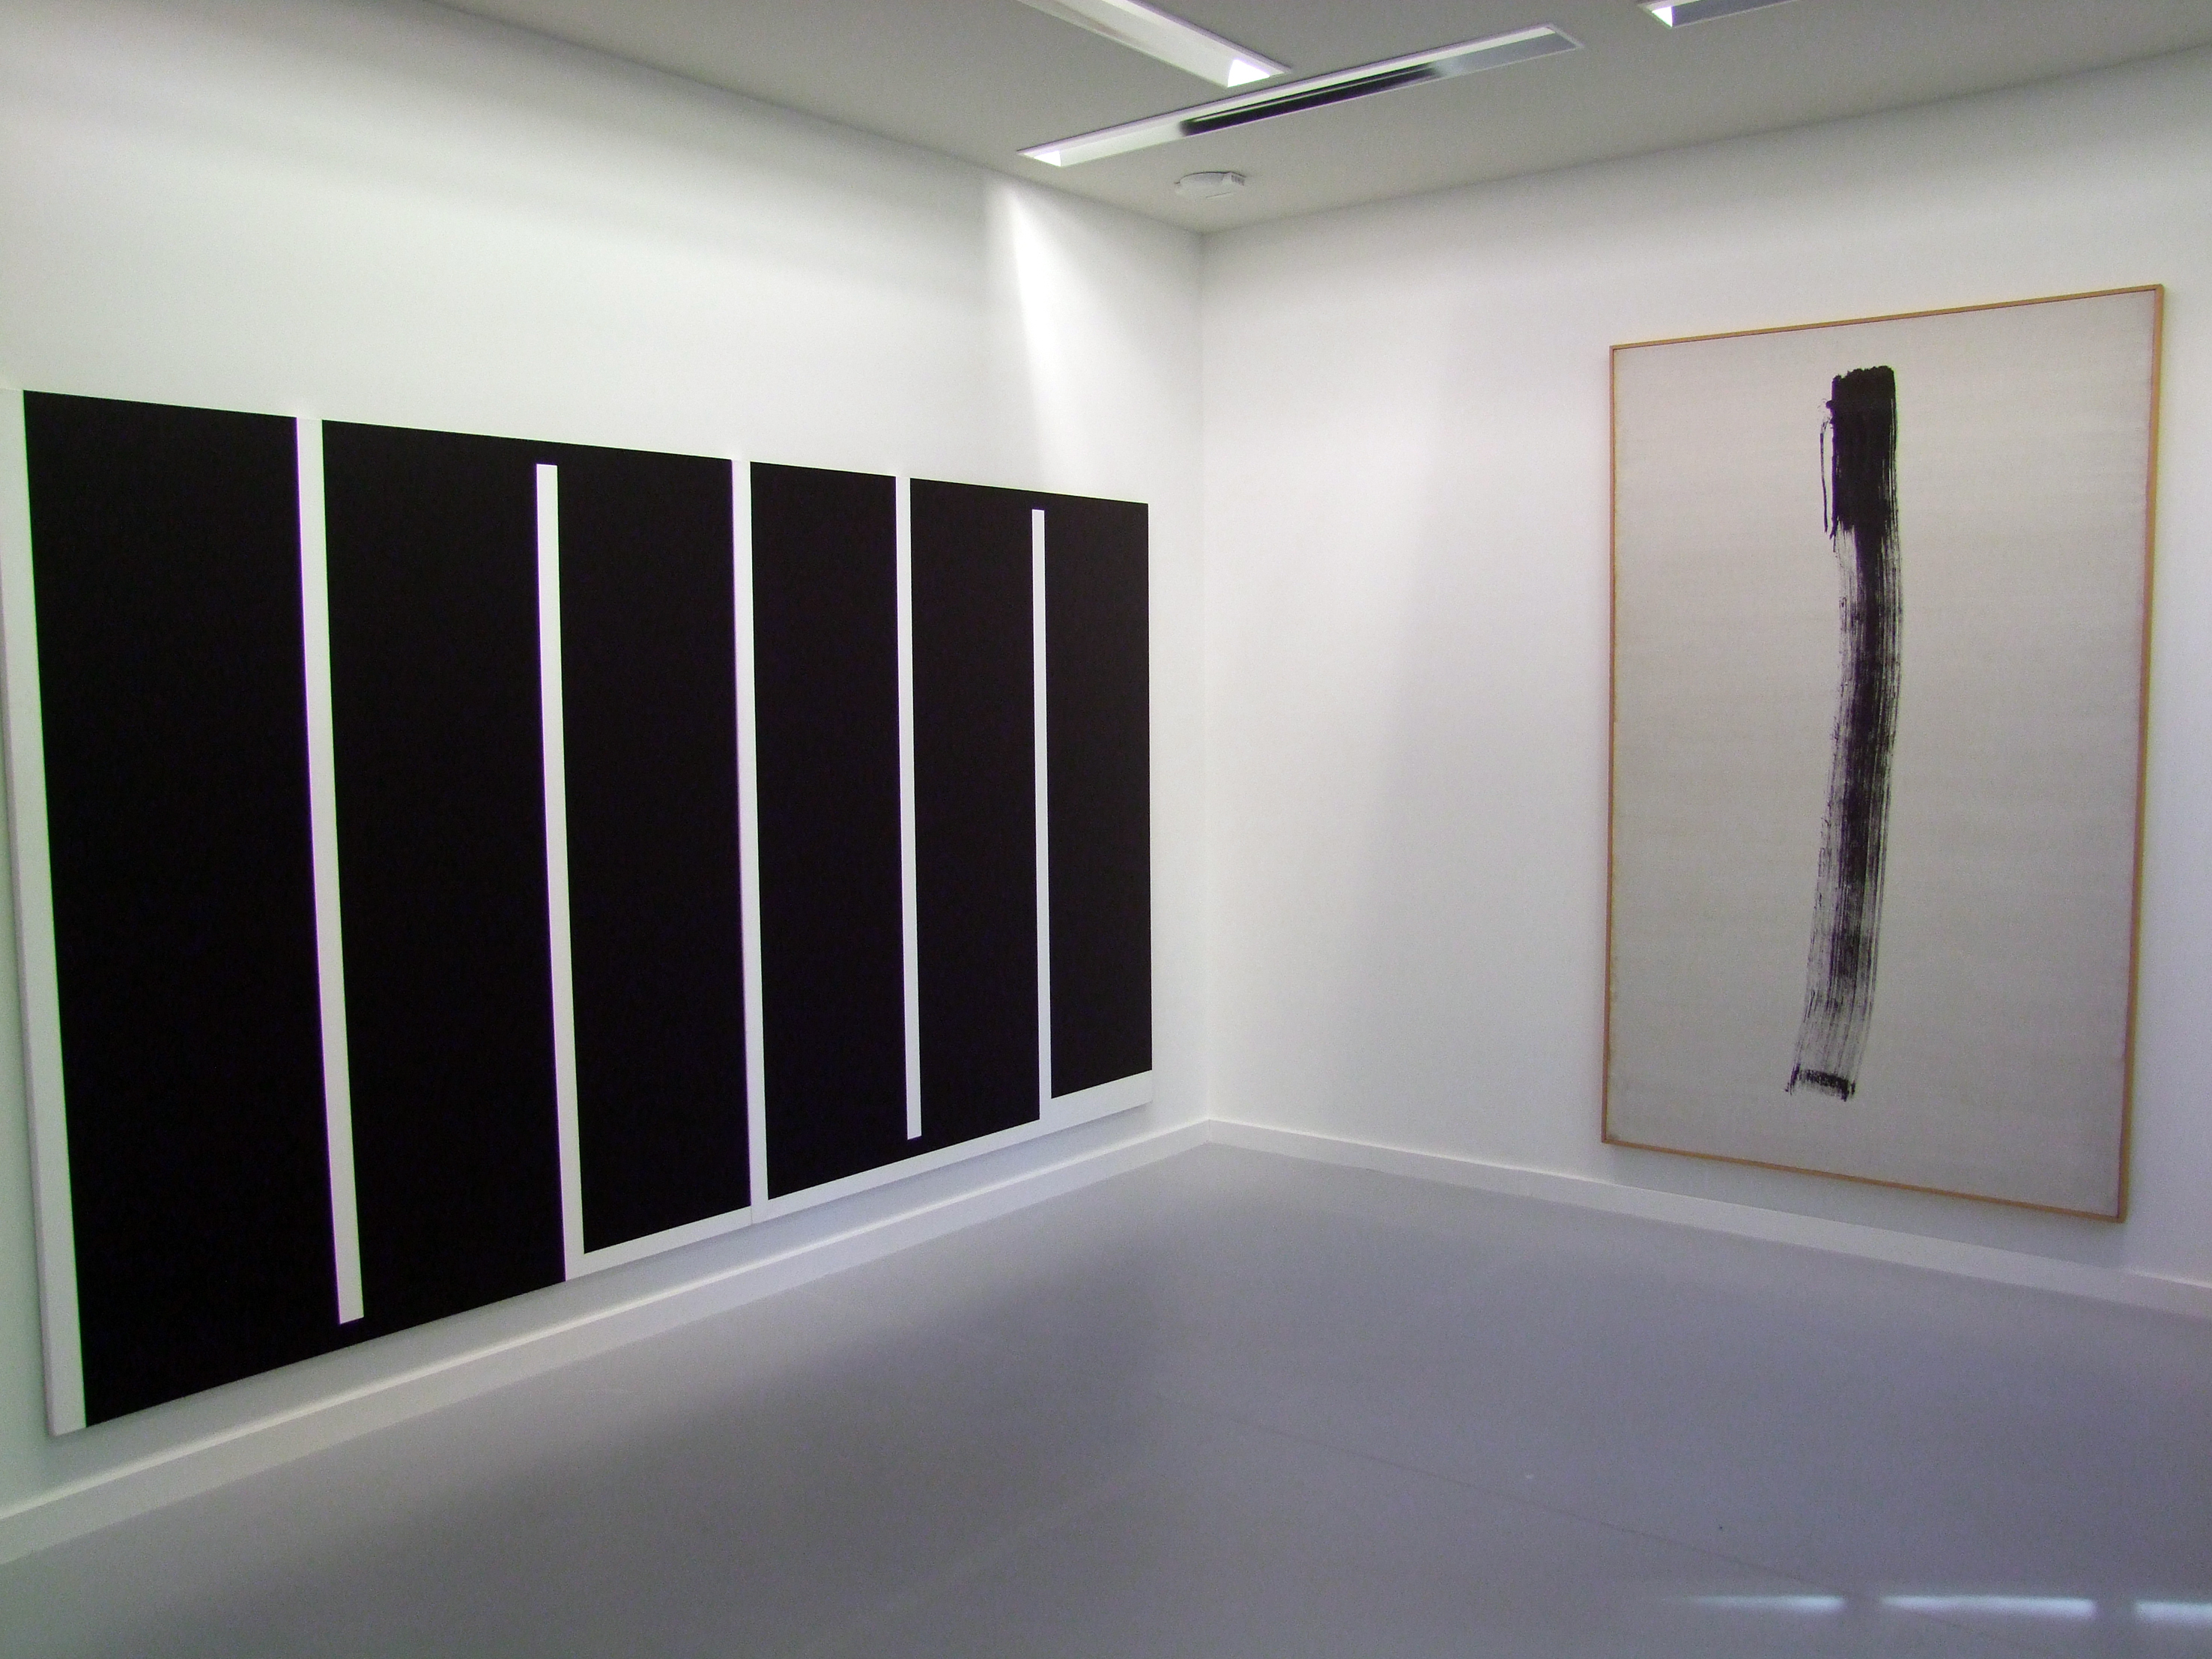 De gauche à droite, Sans-titre (1990) Julije Knifer@ ETC V (1967) Jean Degottex.